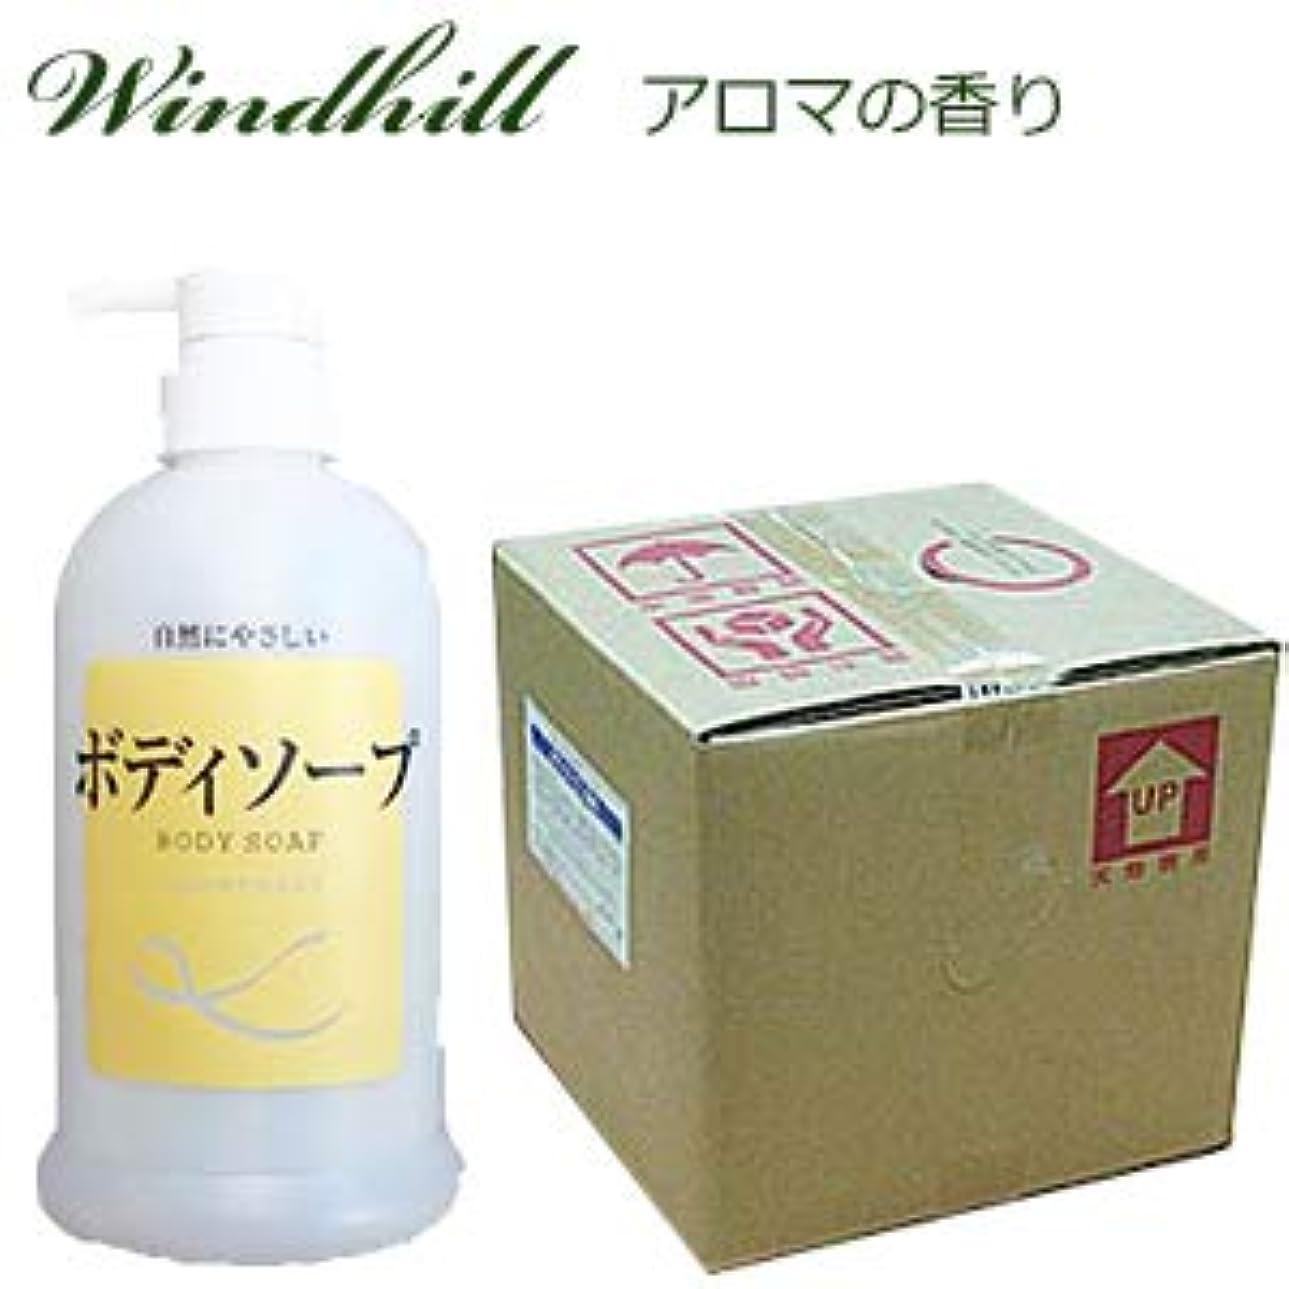 クリープわずかに静脈なんと! 500ml当り188円 Windhill 植物性業務用 ボディソープ  紅茶を思うアロマの香り 20L